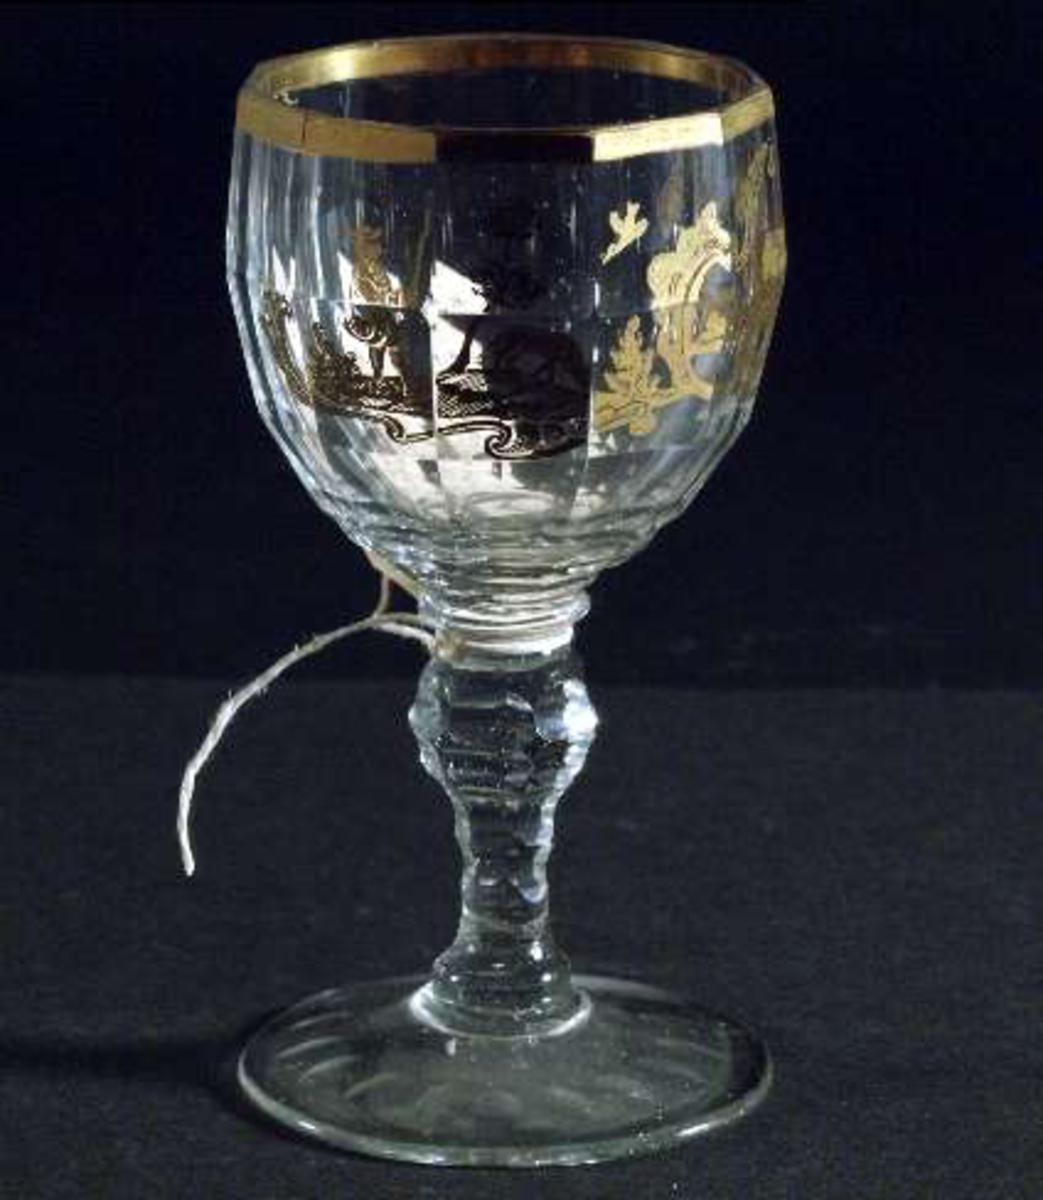 Vinglas av ofärgat något småblåsigt glas med fasettslipad kupa, guldkant upptill på kupan samt gulddekor i rokokostil, foten på undersidan olivslipad. Puntelmärke på fotens undersida.